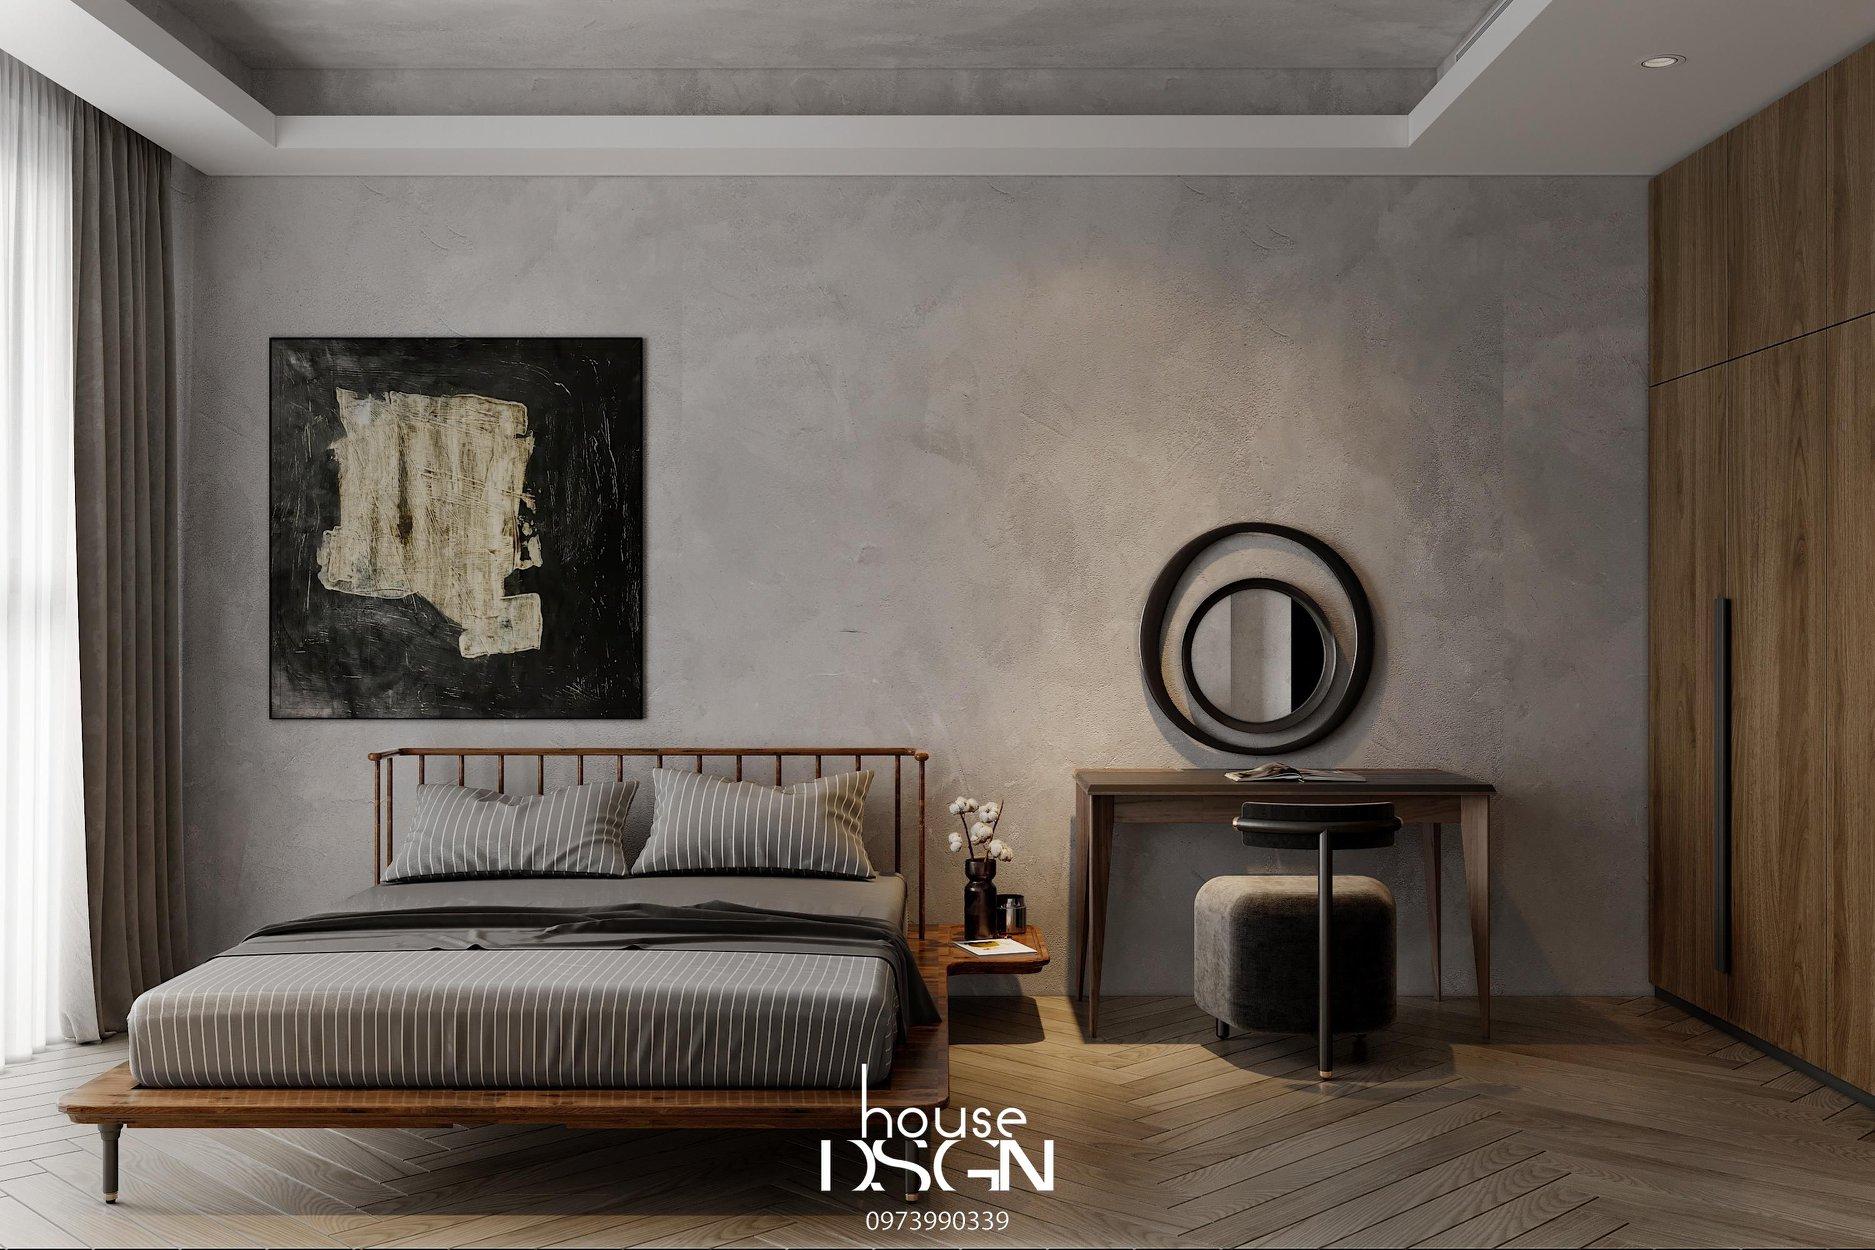 thiết kế đồ nội thất đúng chuẩn - Housedesign